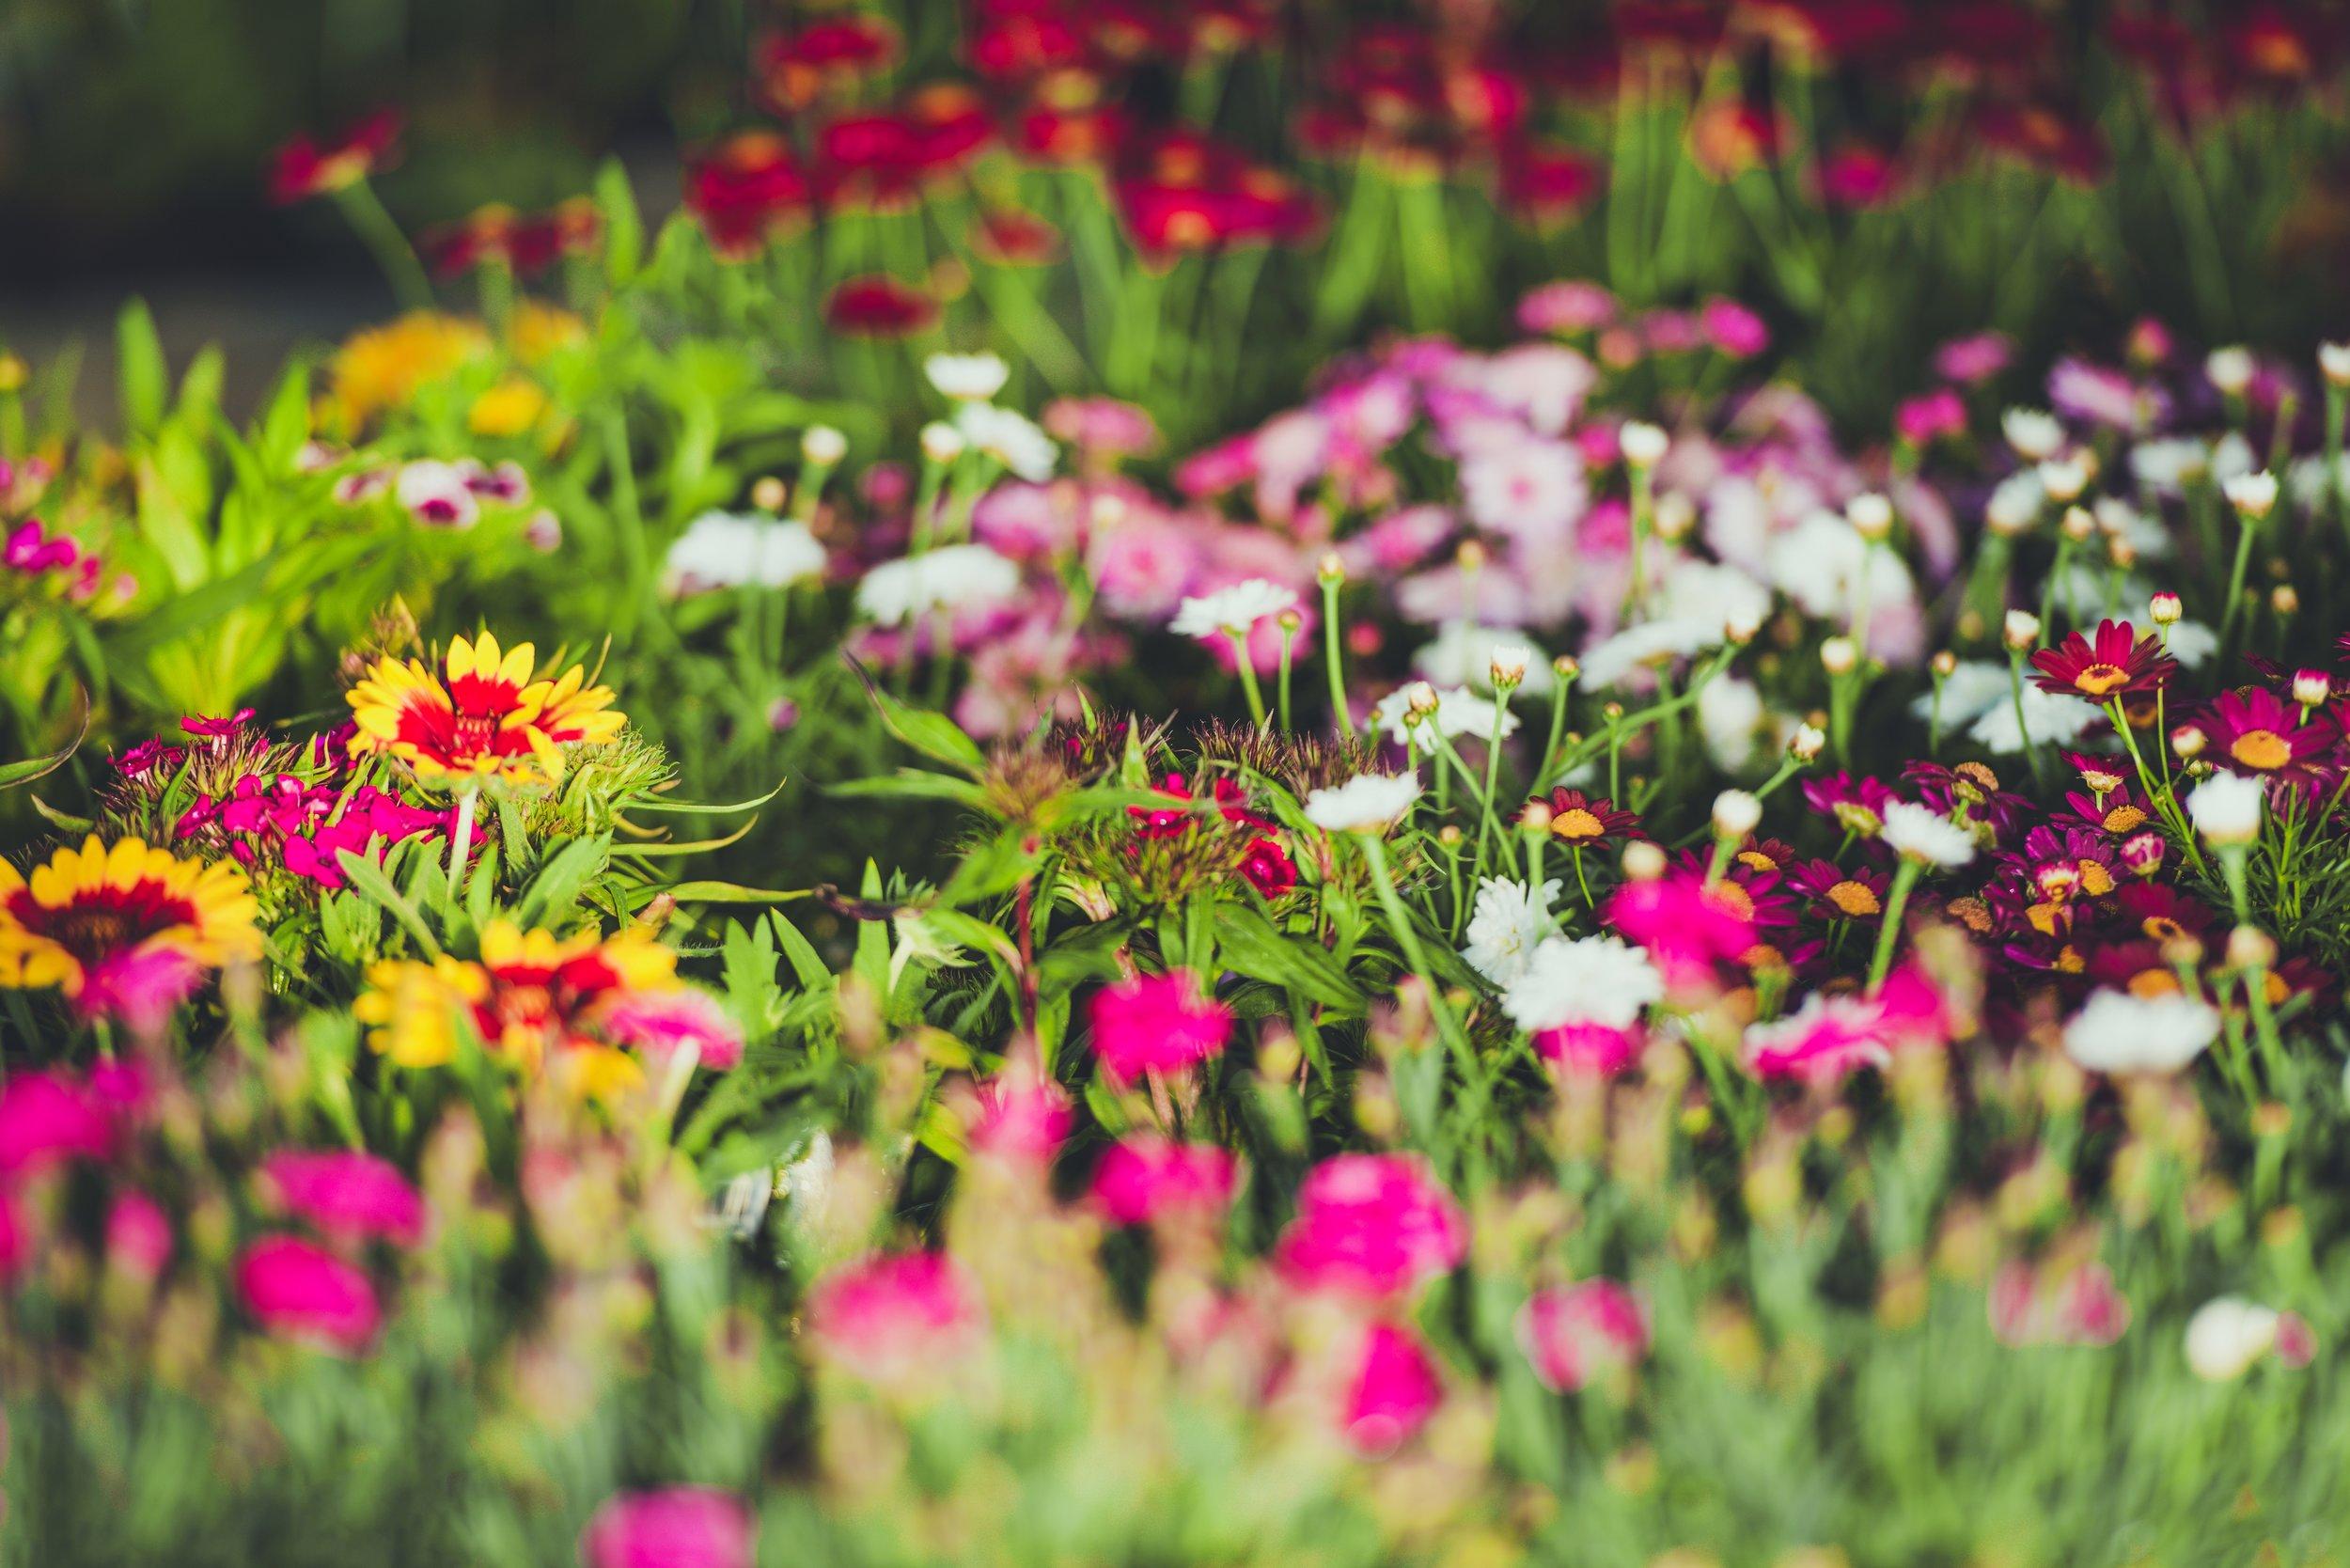 - FLOWER BEDS